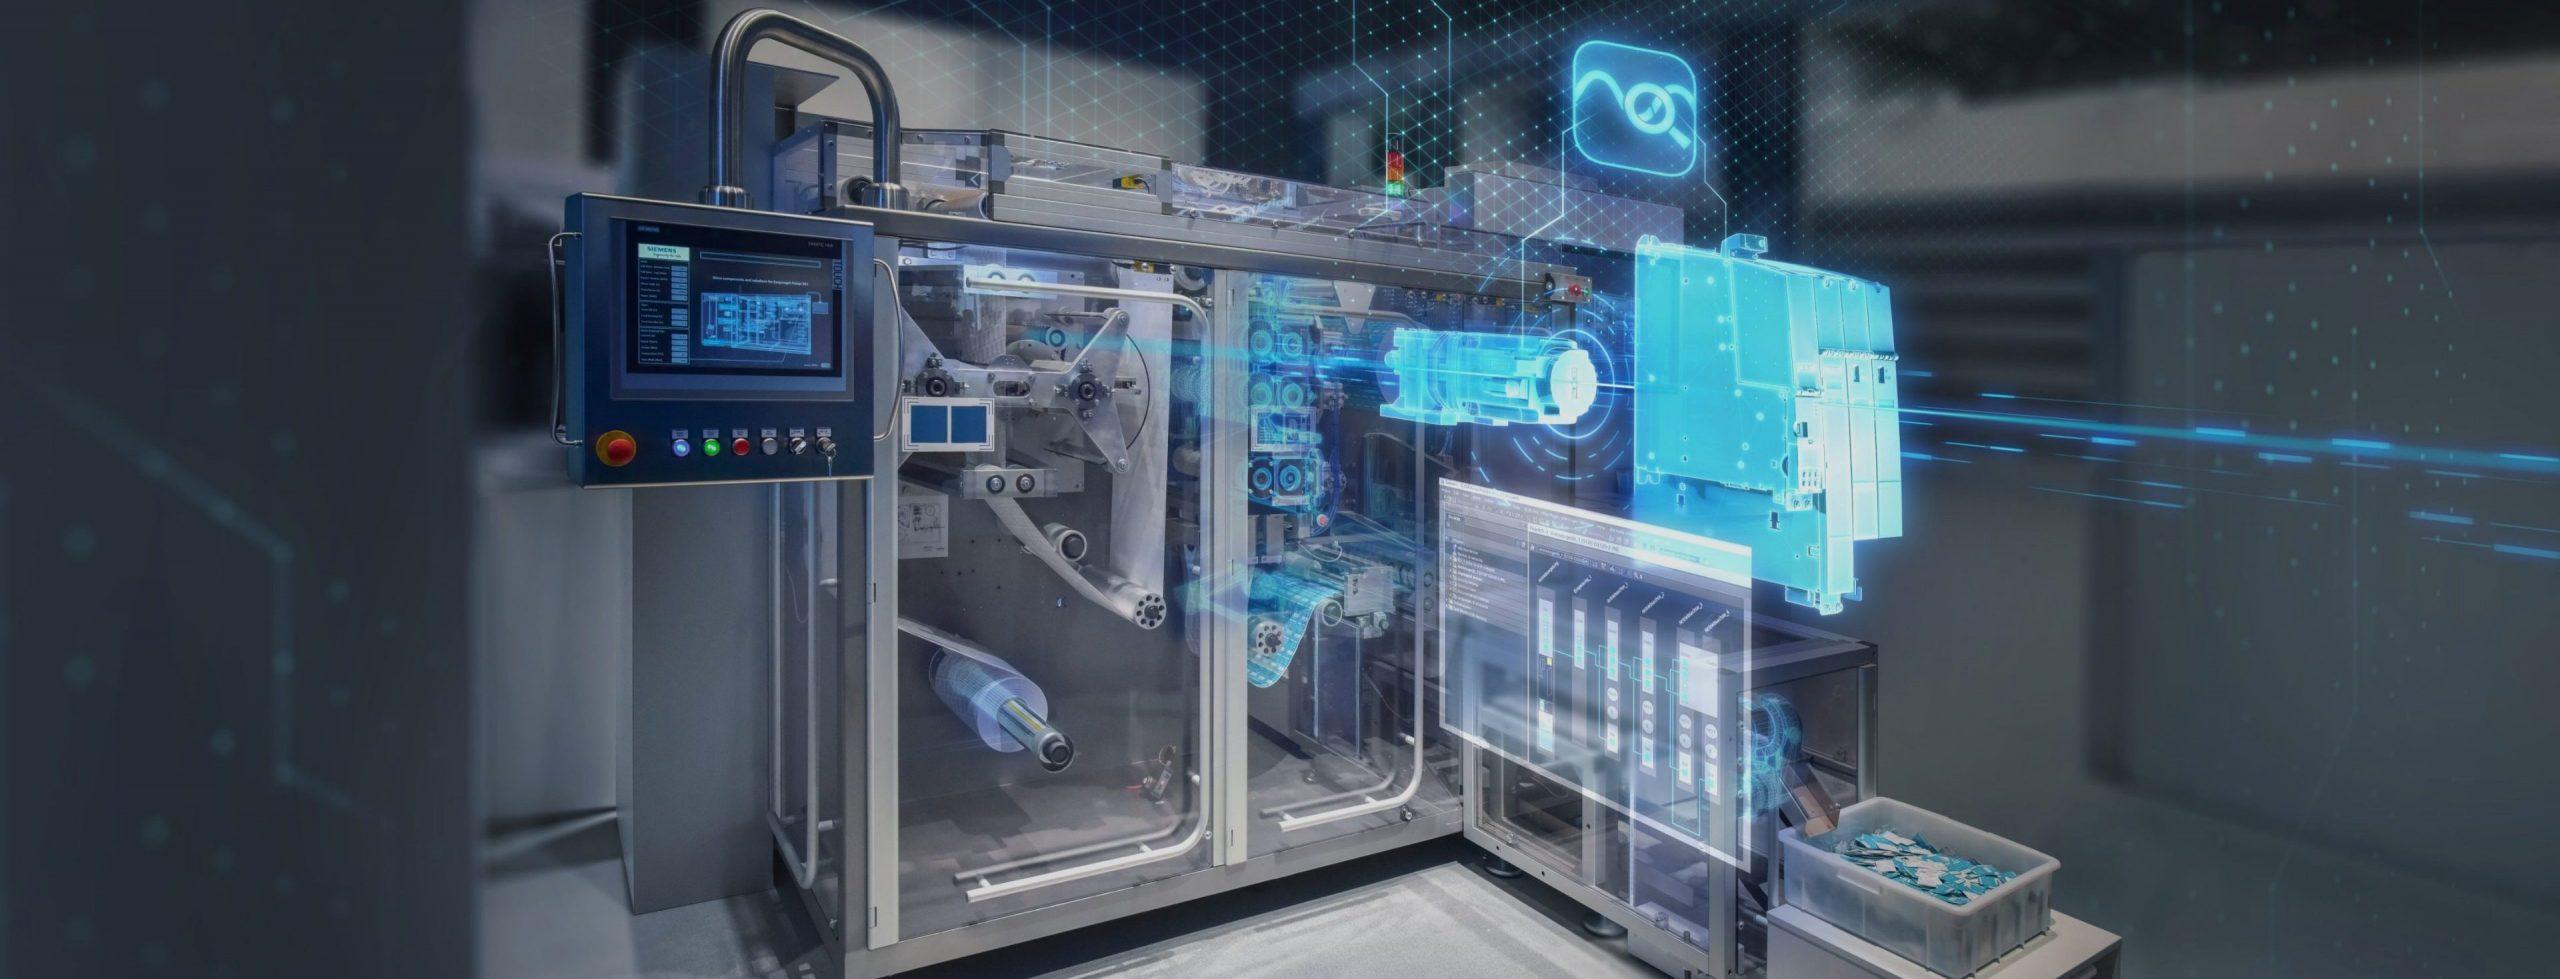 Модернизация промышленных объектов